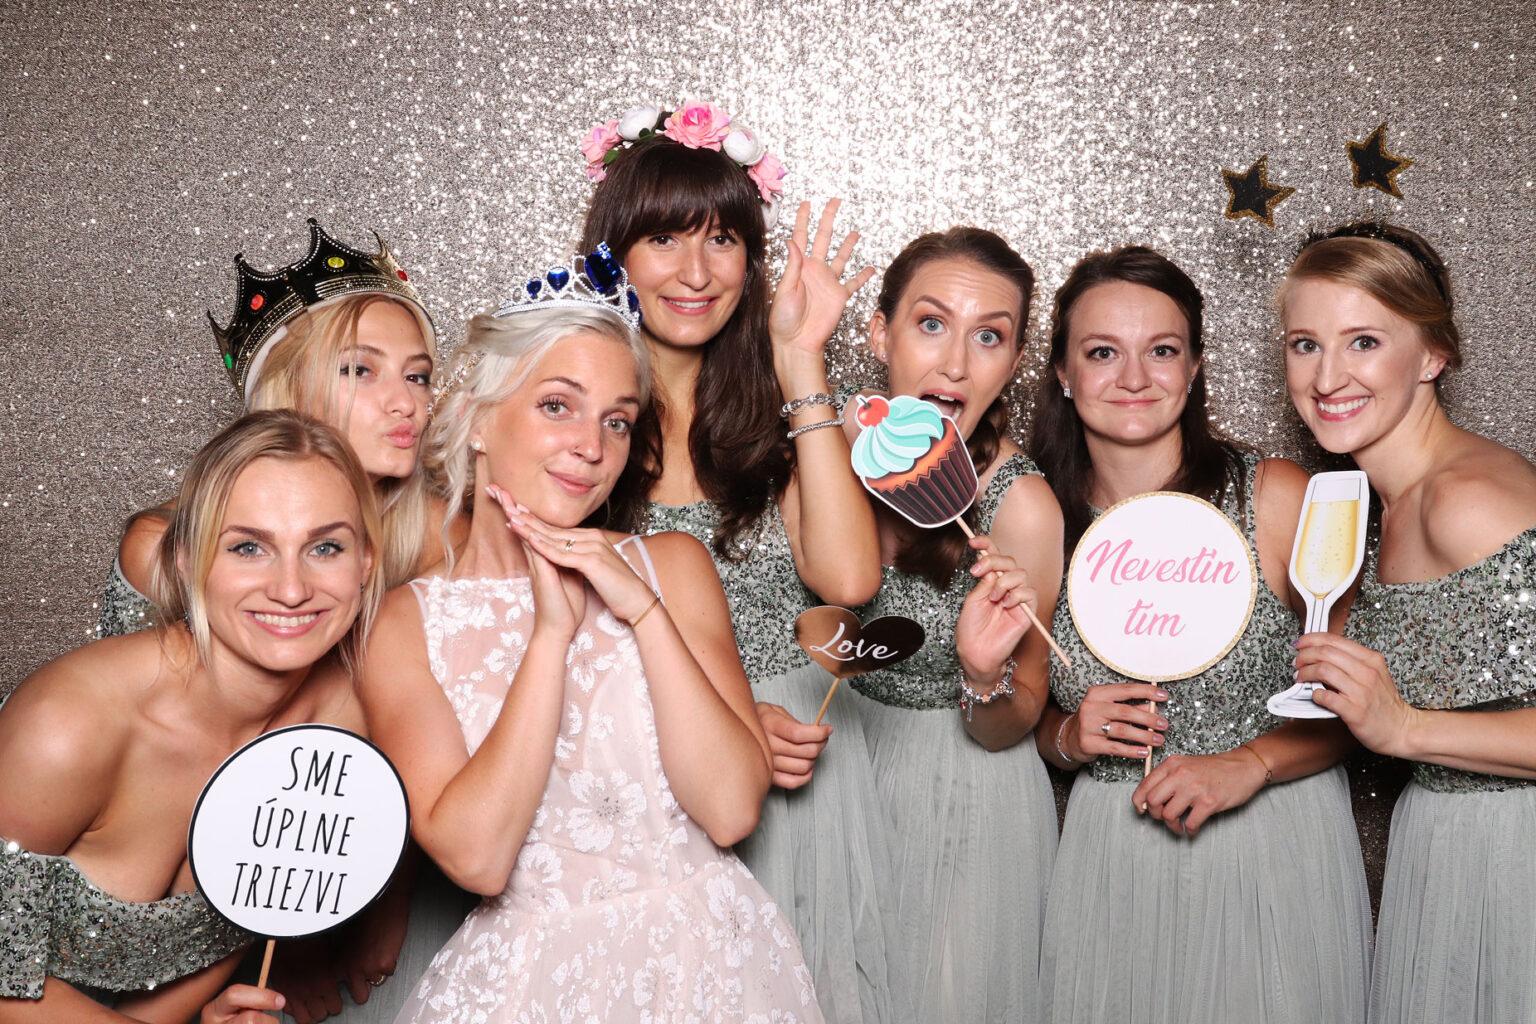 svadba stodola zlatnik fotokutik fotostena champagne FOTOKÚTIK.sk